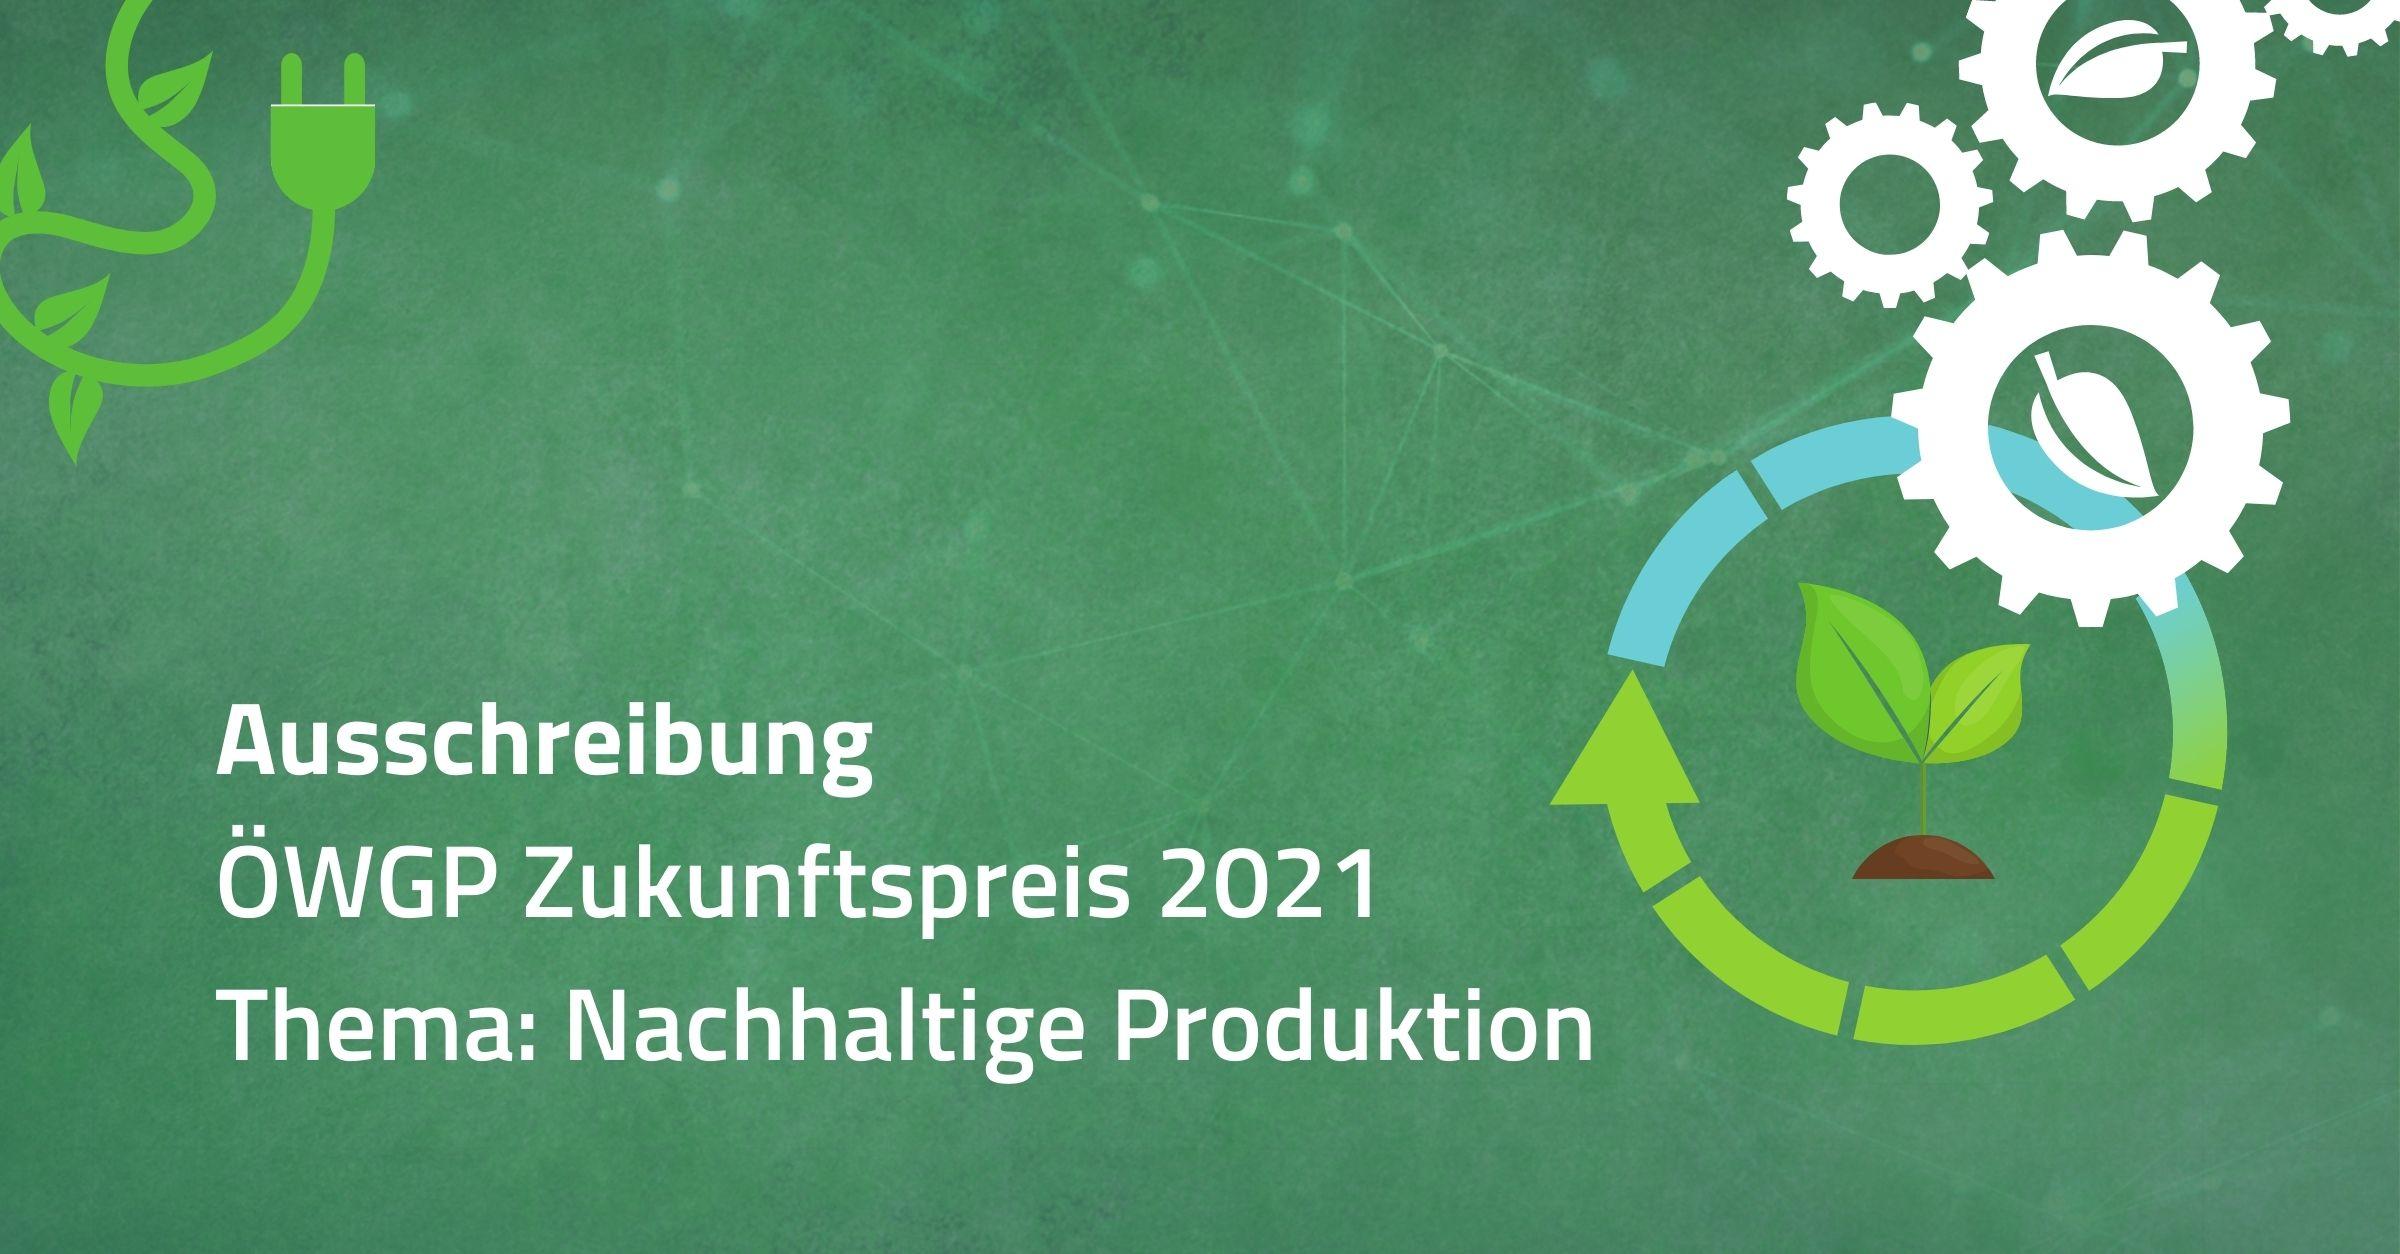 Ausschreibung ÖWGP Zukunftspreis 2021, Thema Nachhaltige Produktion